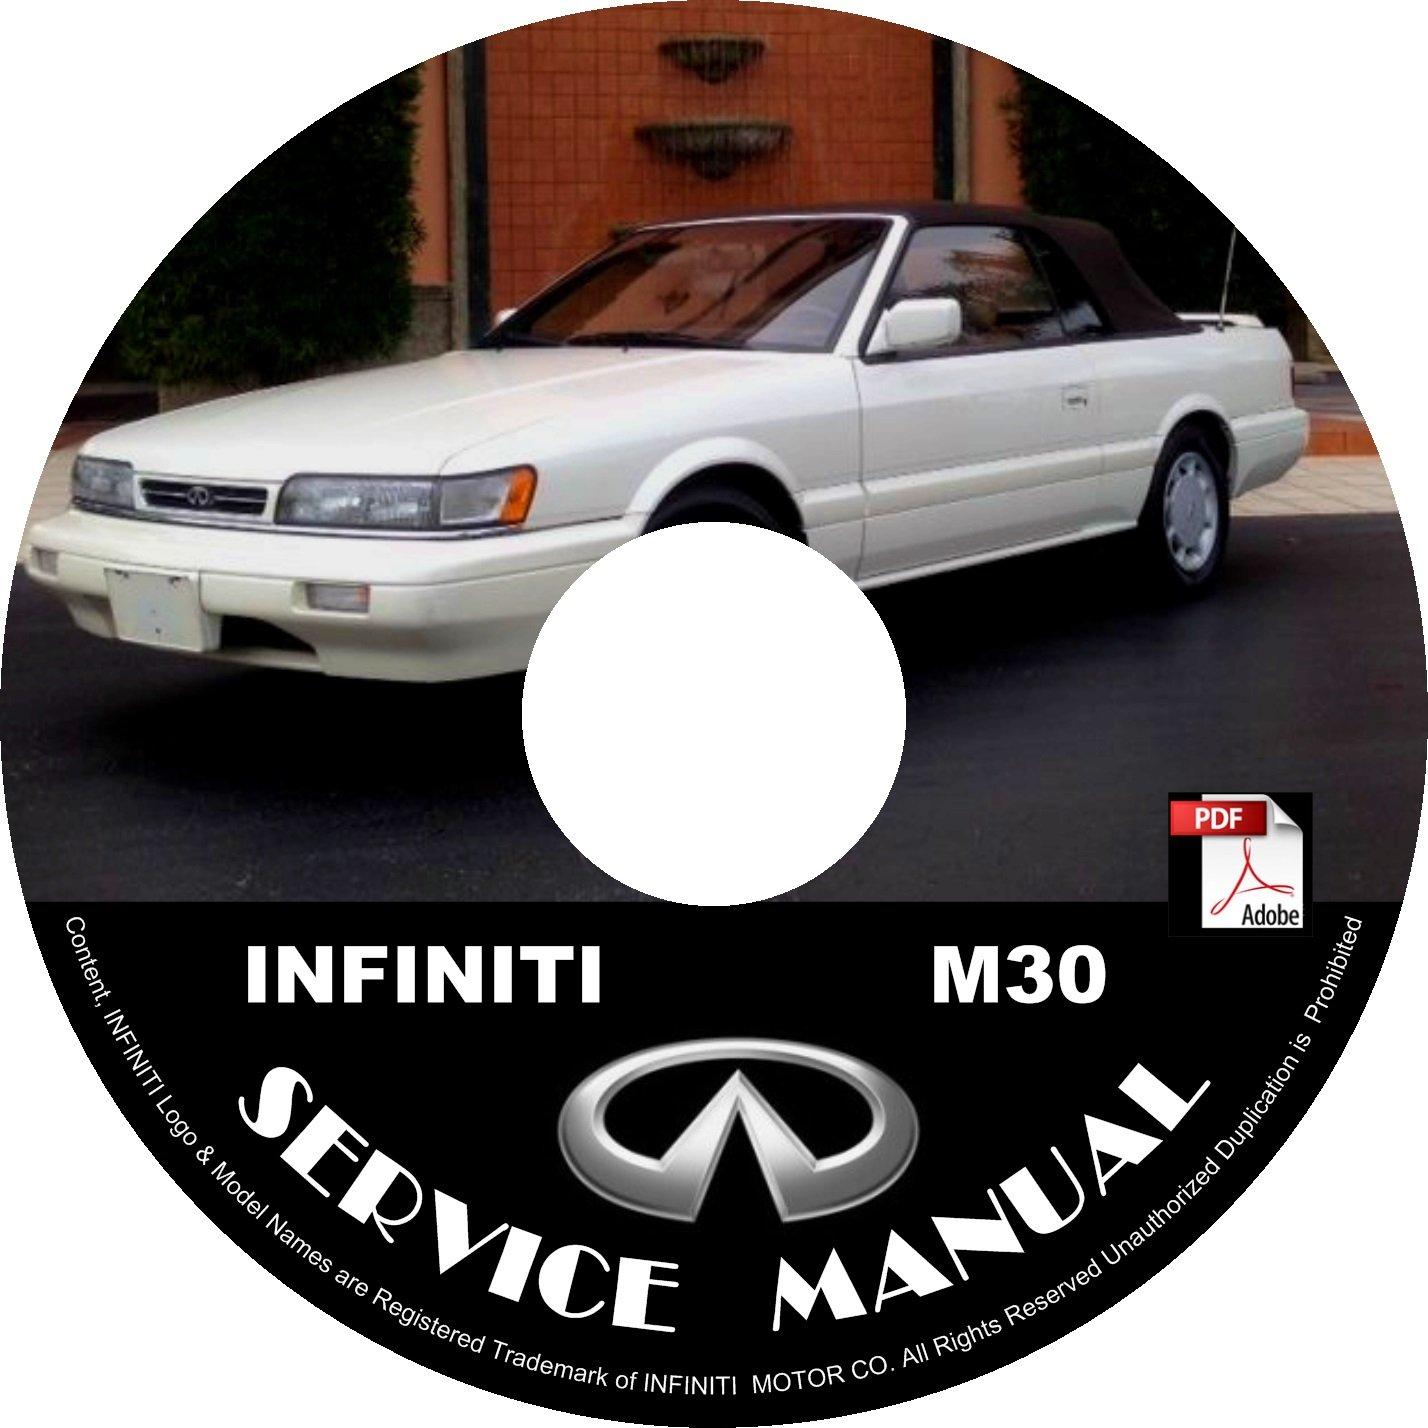 1990 Infiniti M30 Factory Service Repair Shop Manual on CD 90 Workshop Guide